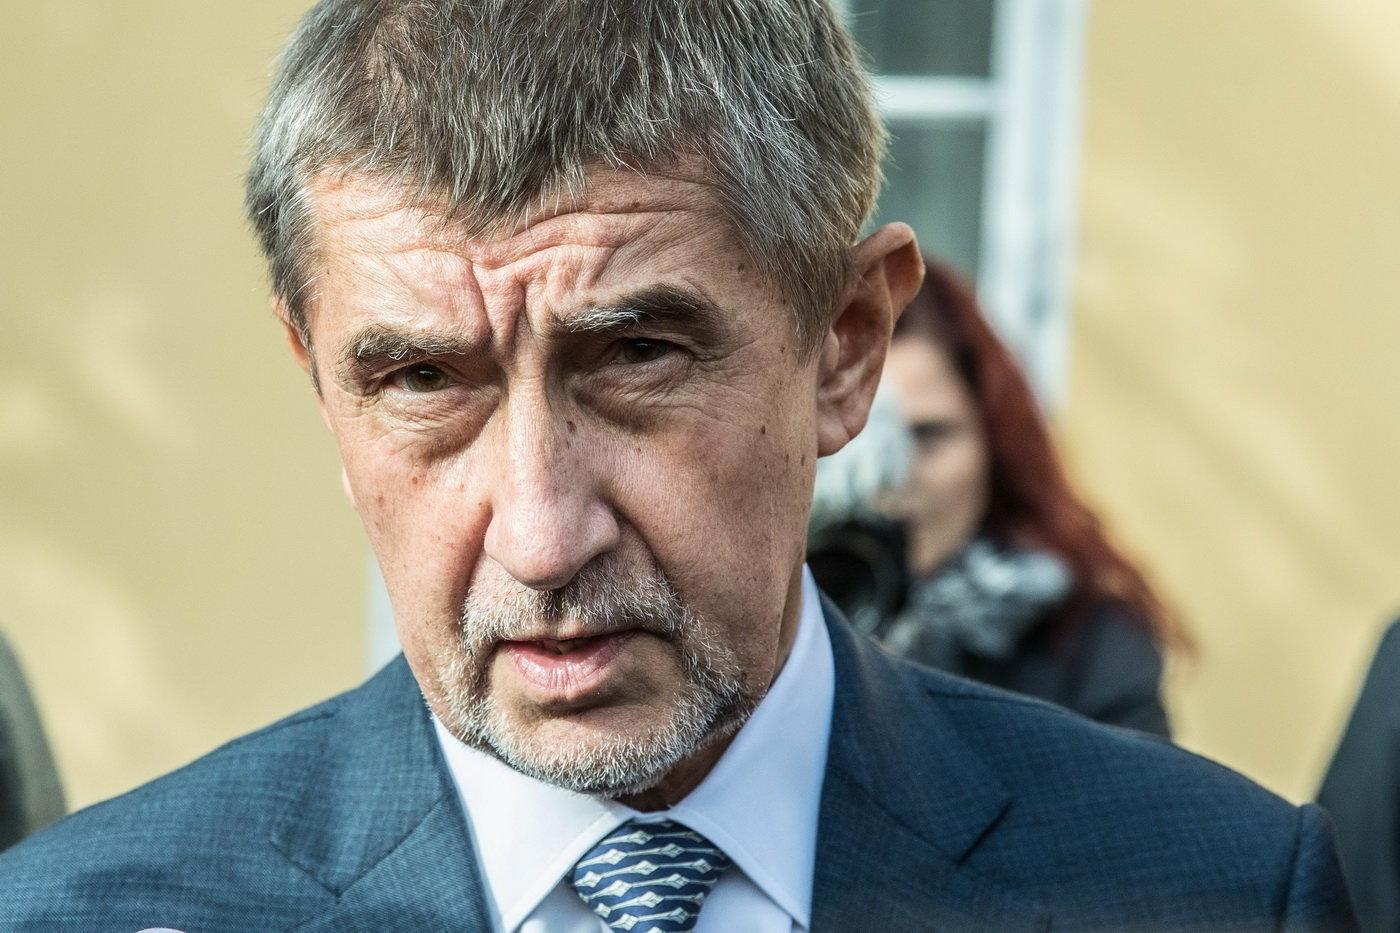 Přijměte syrské sirotky do Česka, apelují senátoři. Podle Babiše jde o absurdní kauzu - anotační obrázek